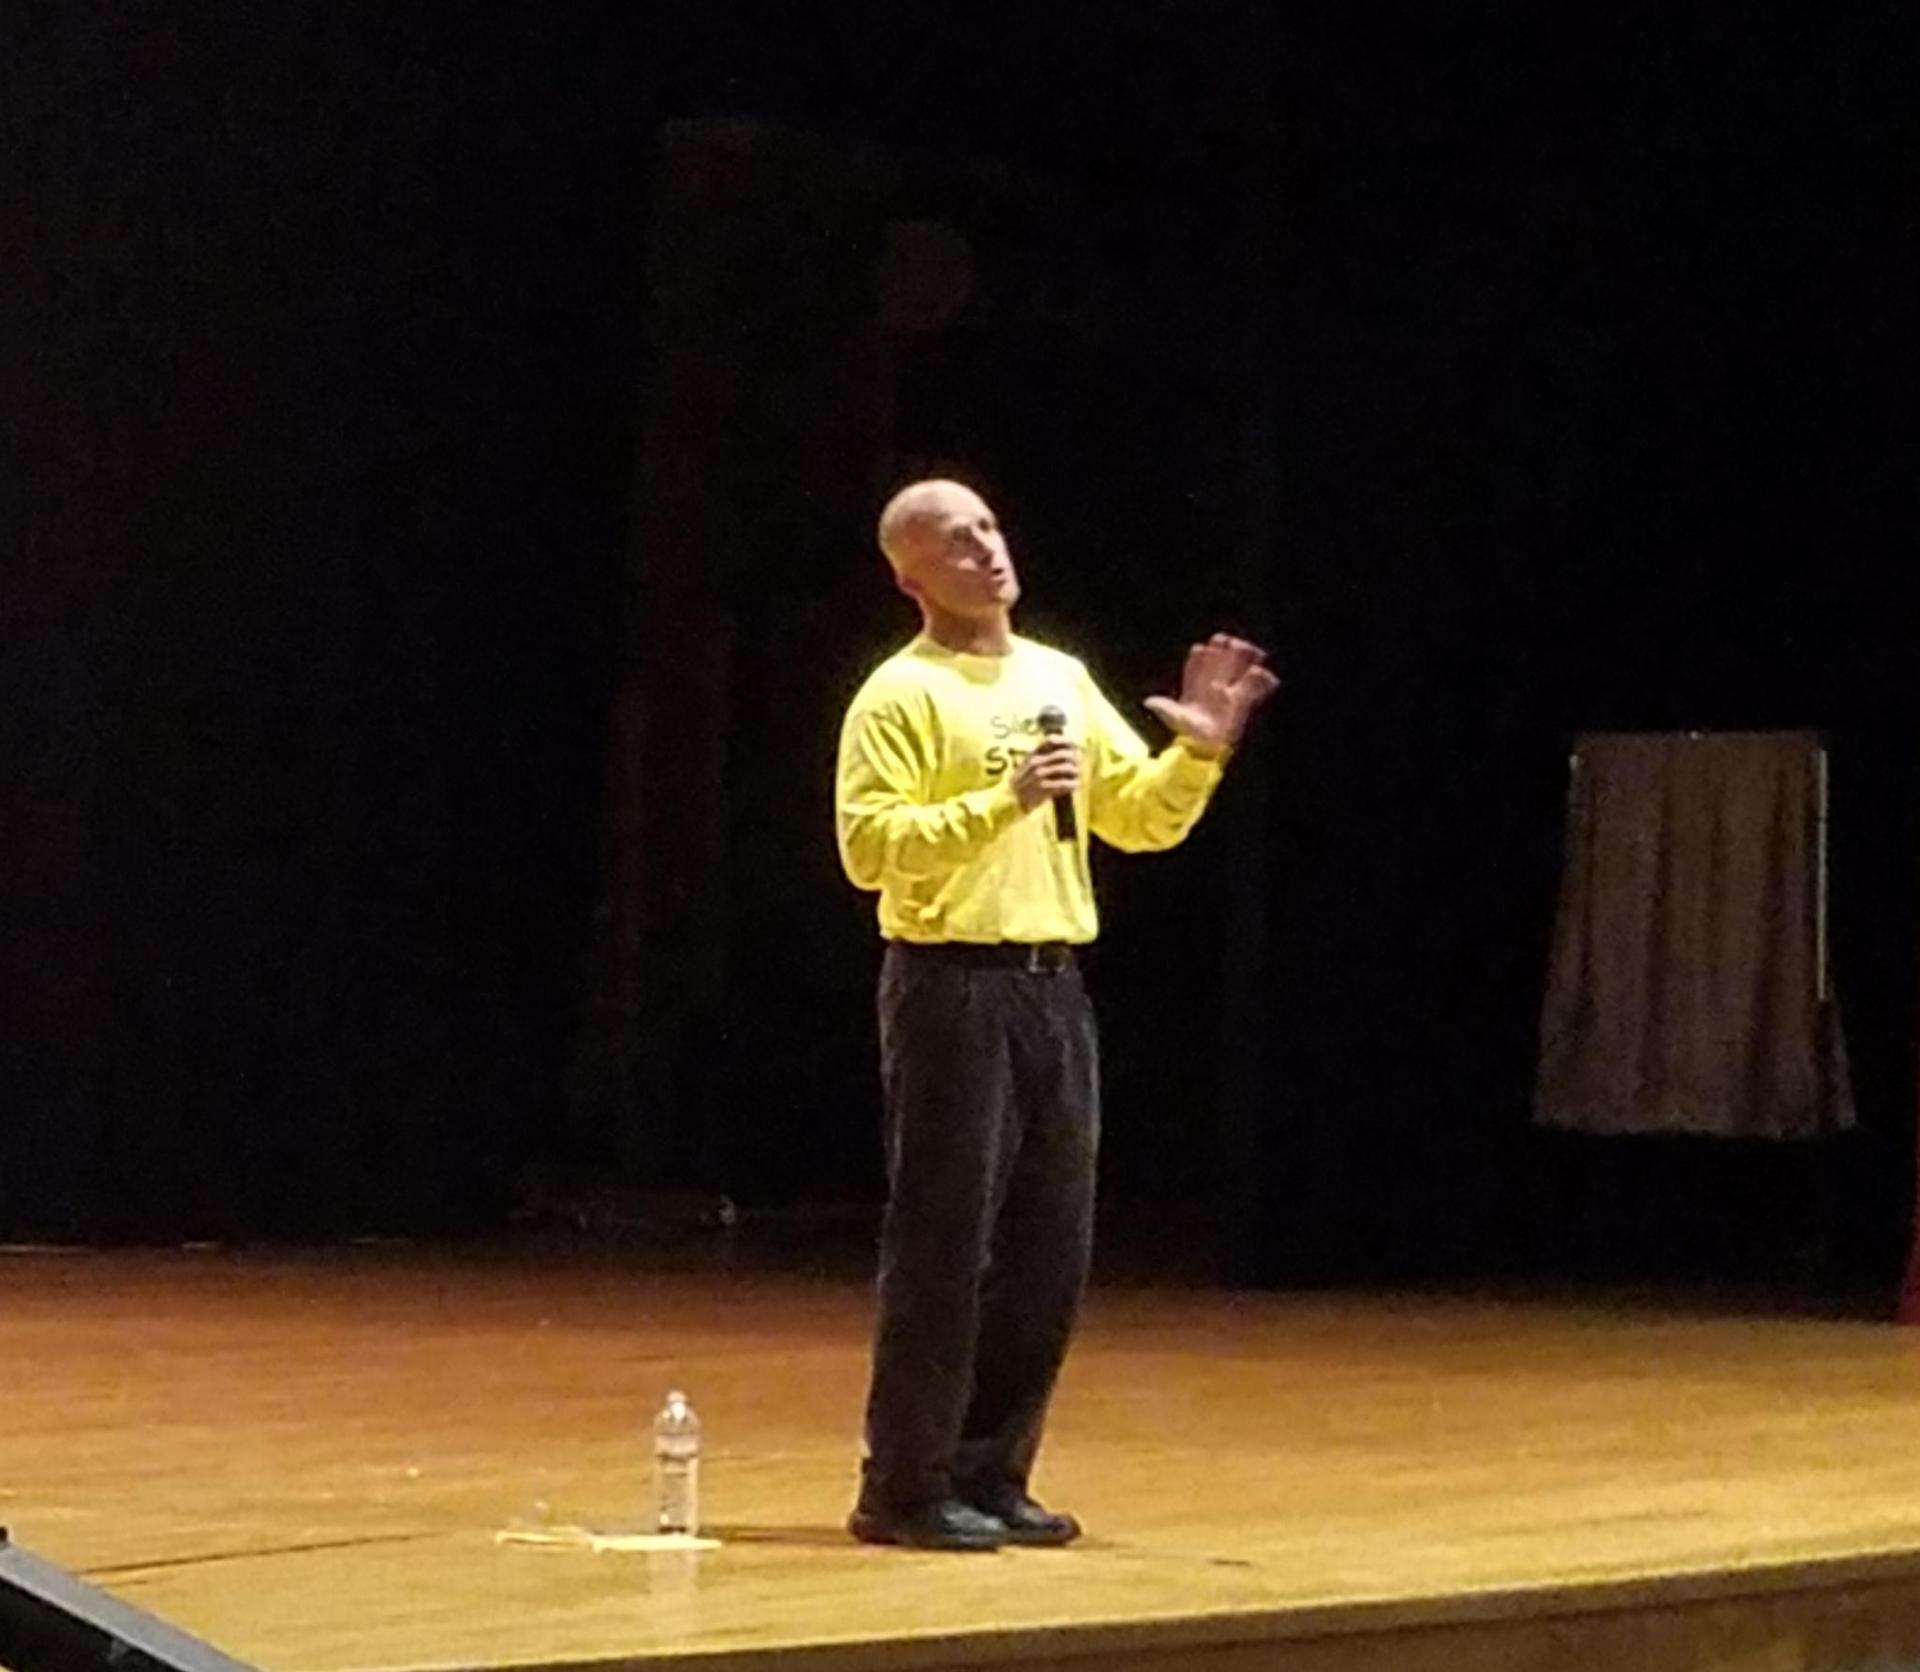 Doug Reavis speaks about choosing kindness.